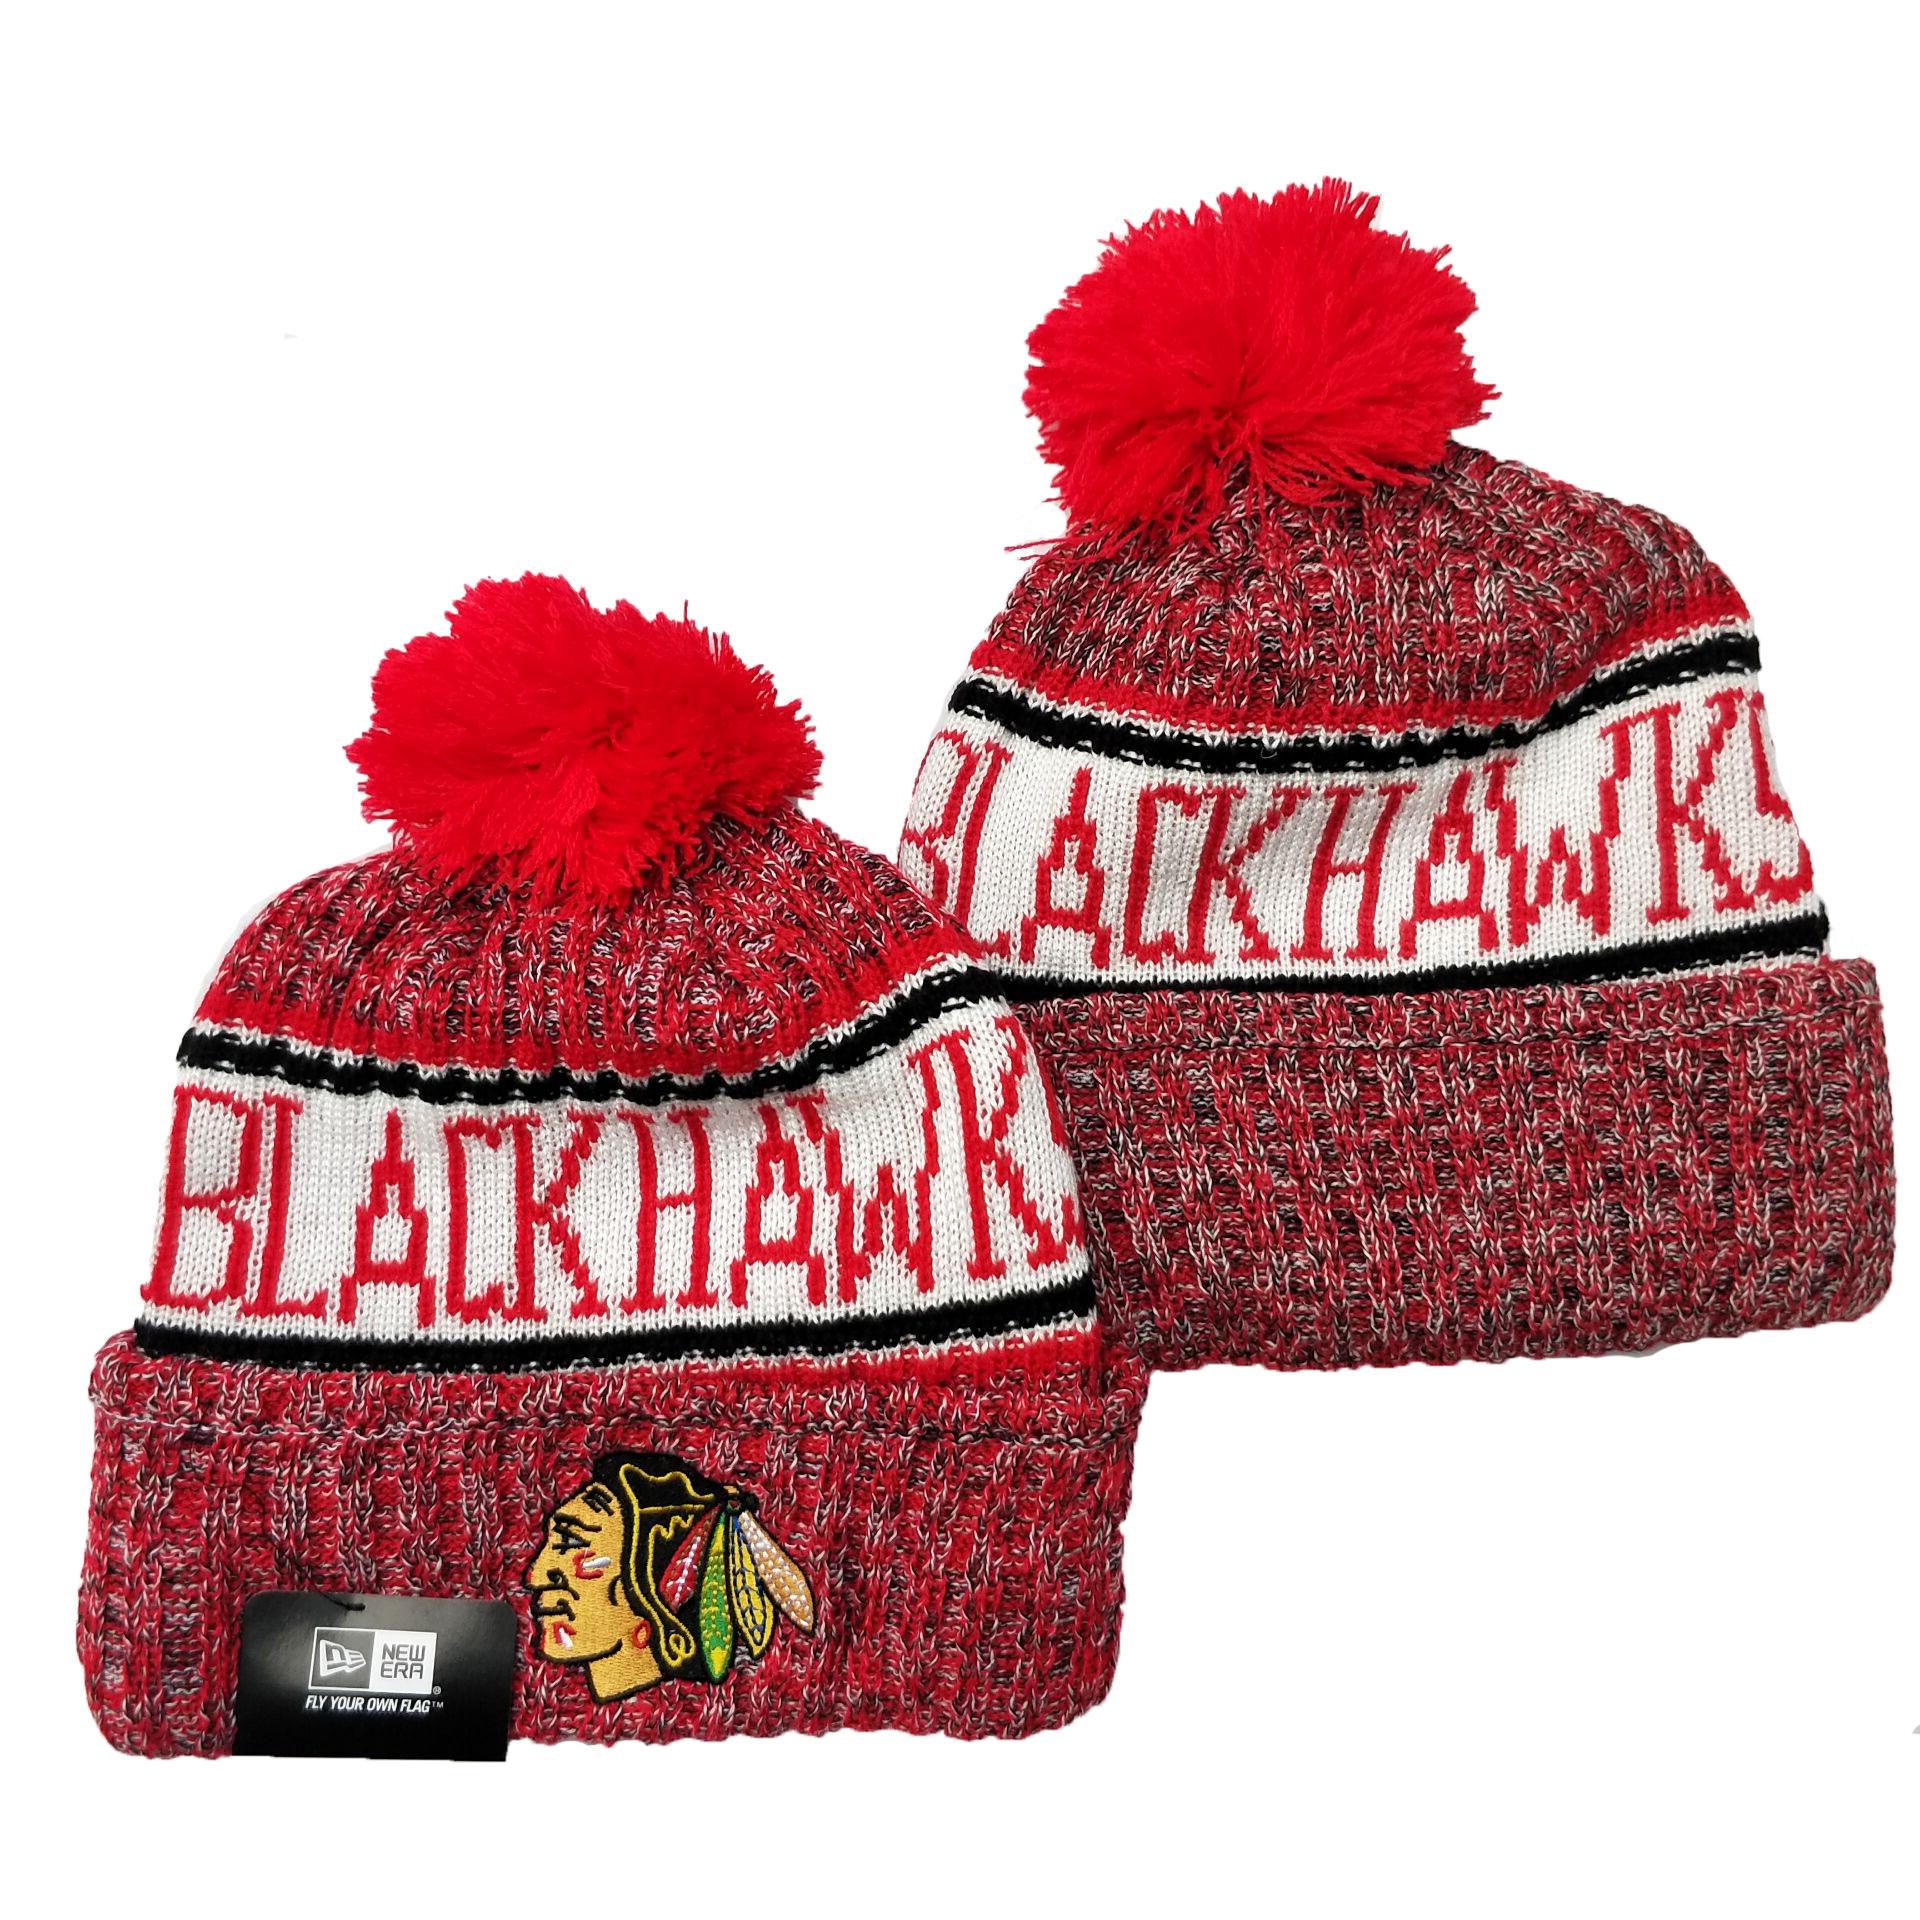 Blackhawks Team Logo Red Pom Cuffed Knit Hat YD